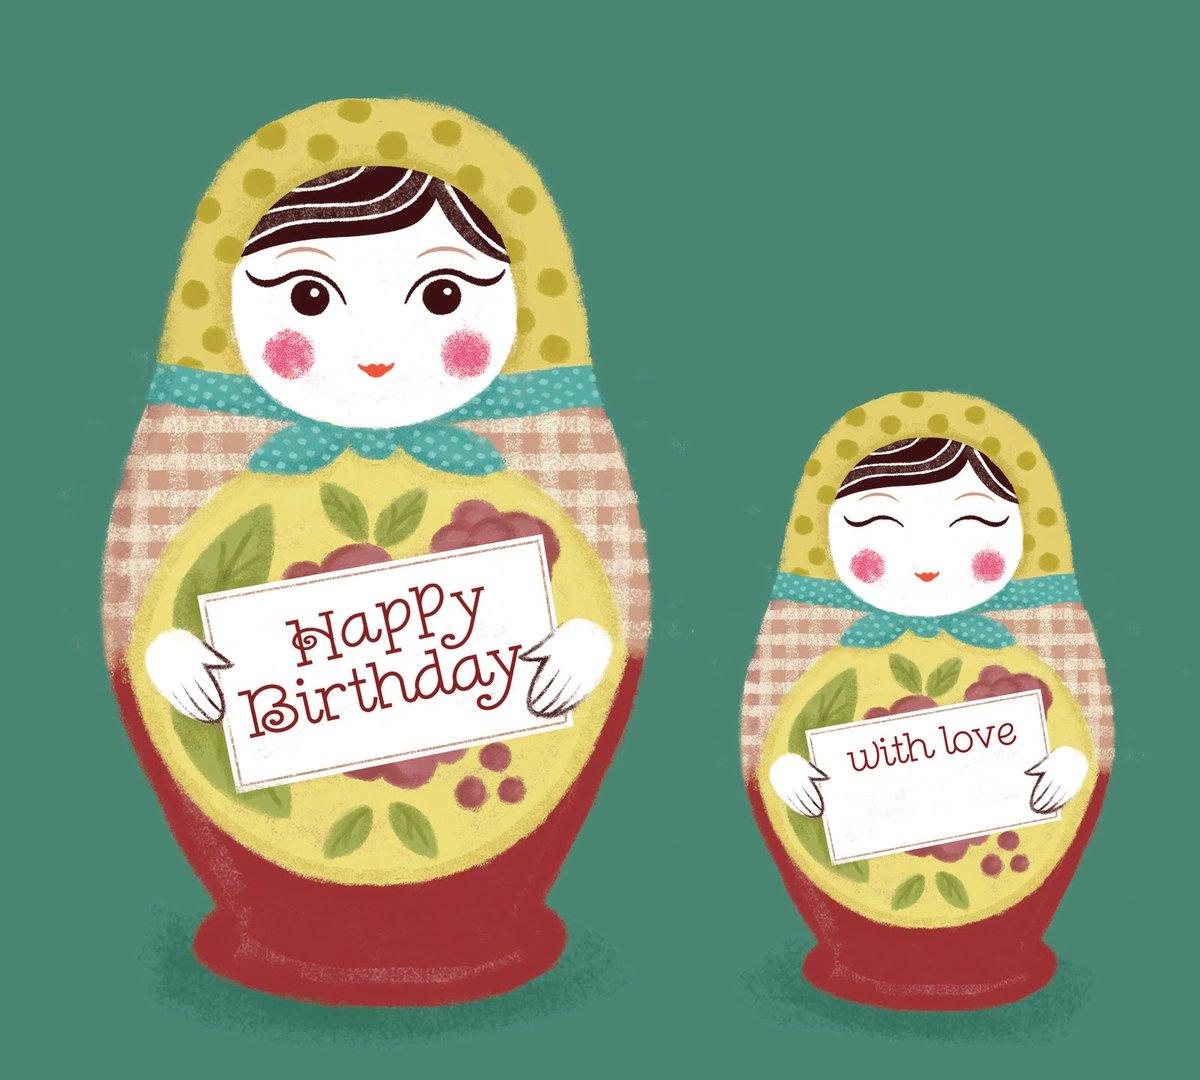 Открытка в русском народном стиле с днем рождения, открытку днем